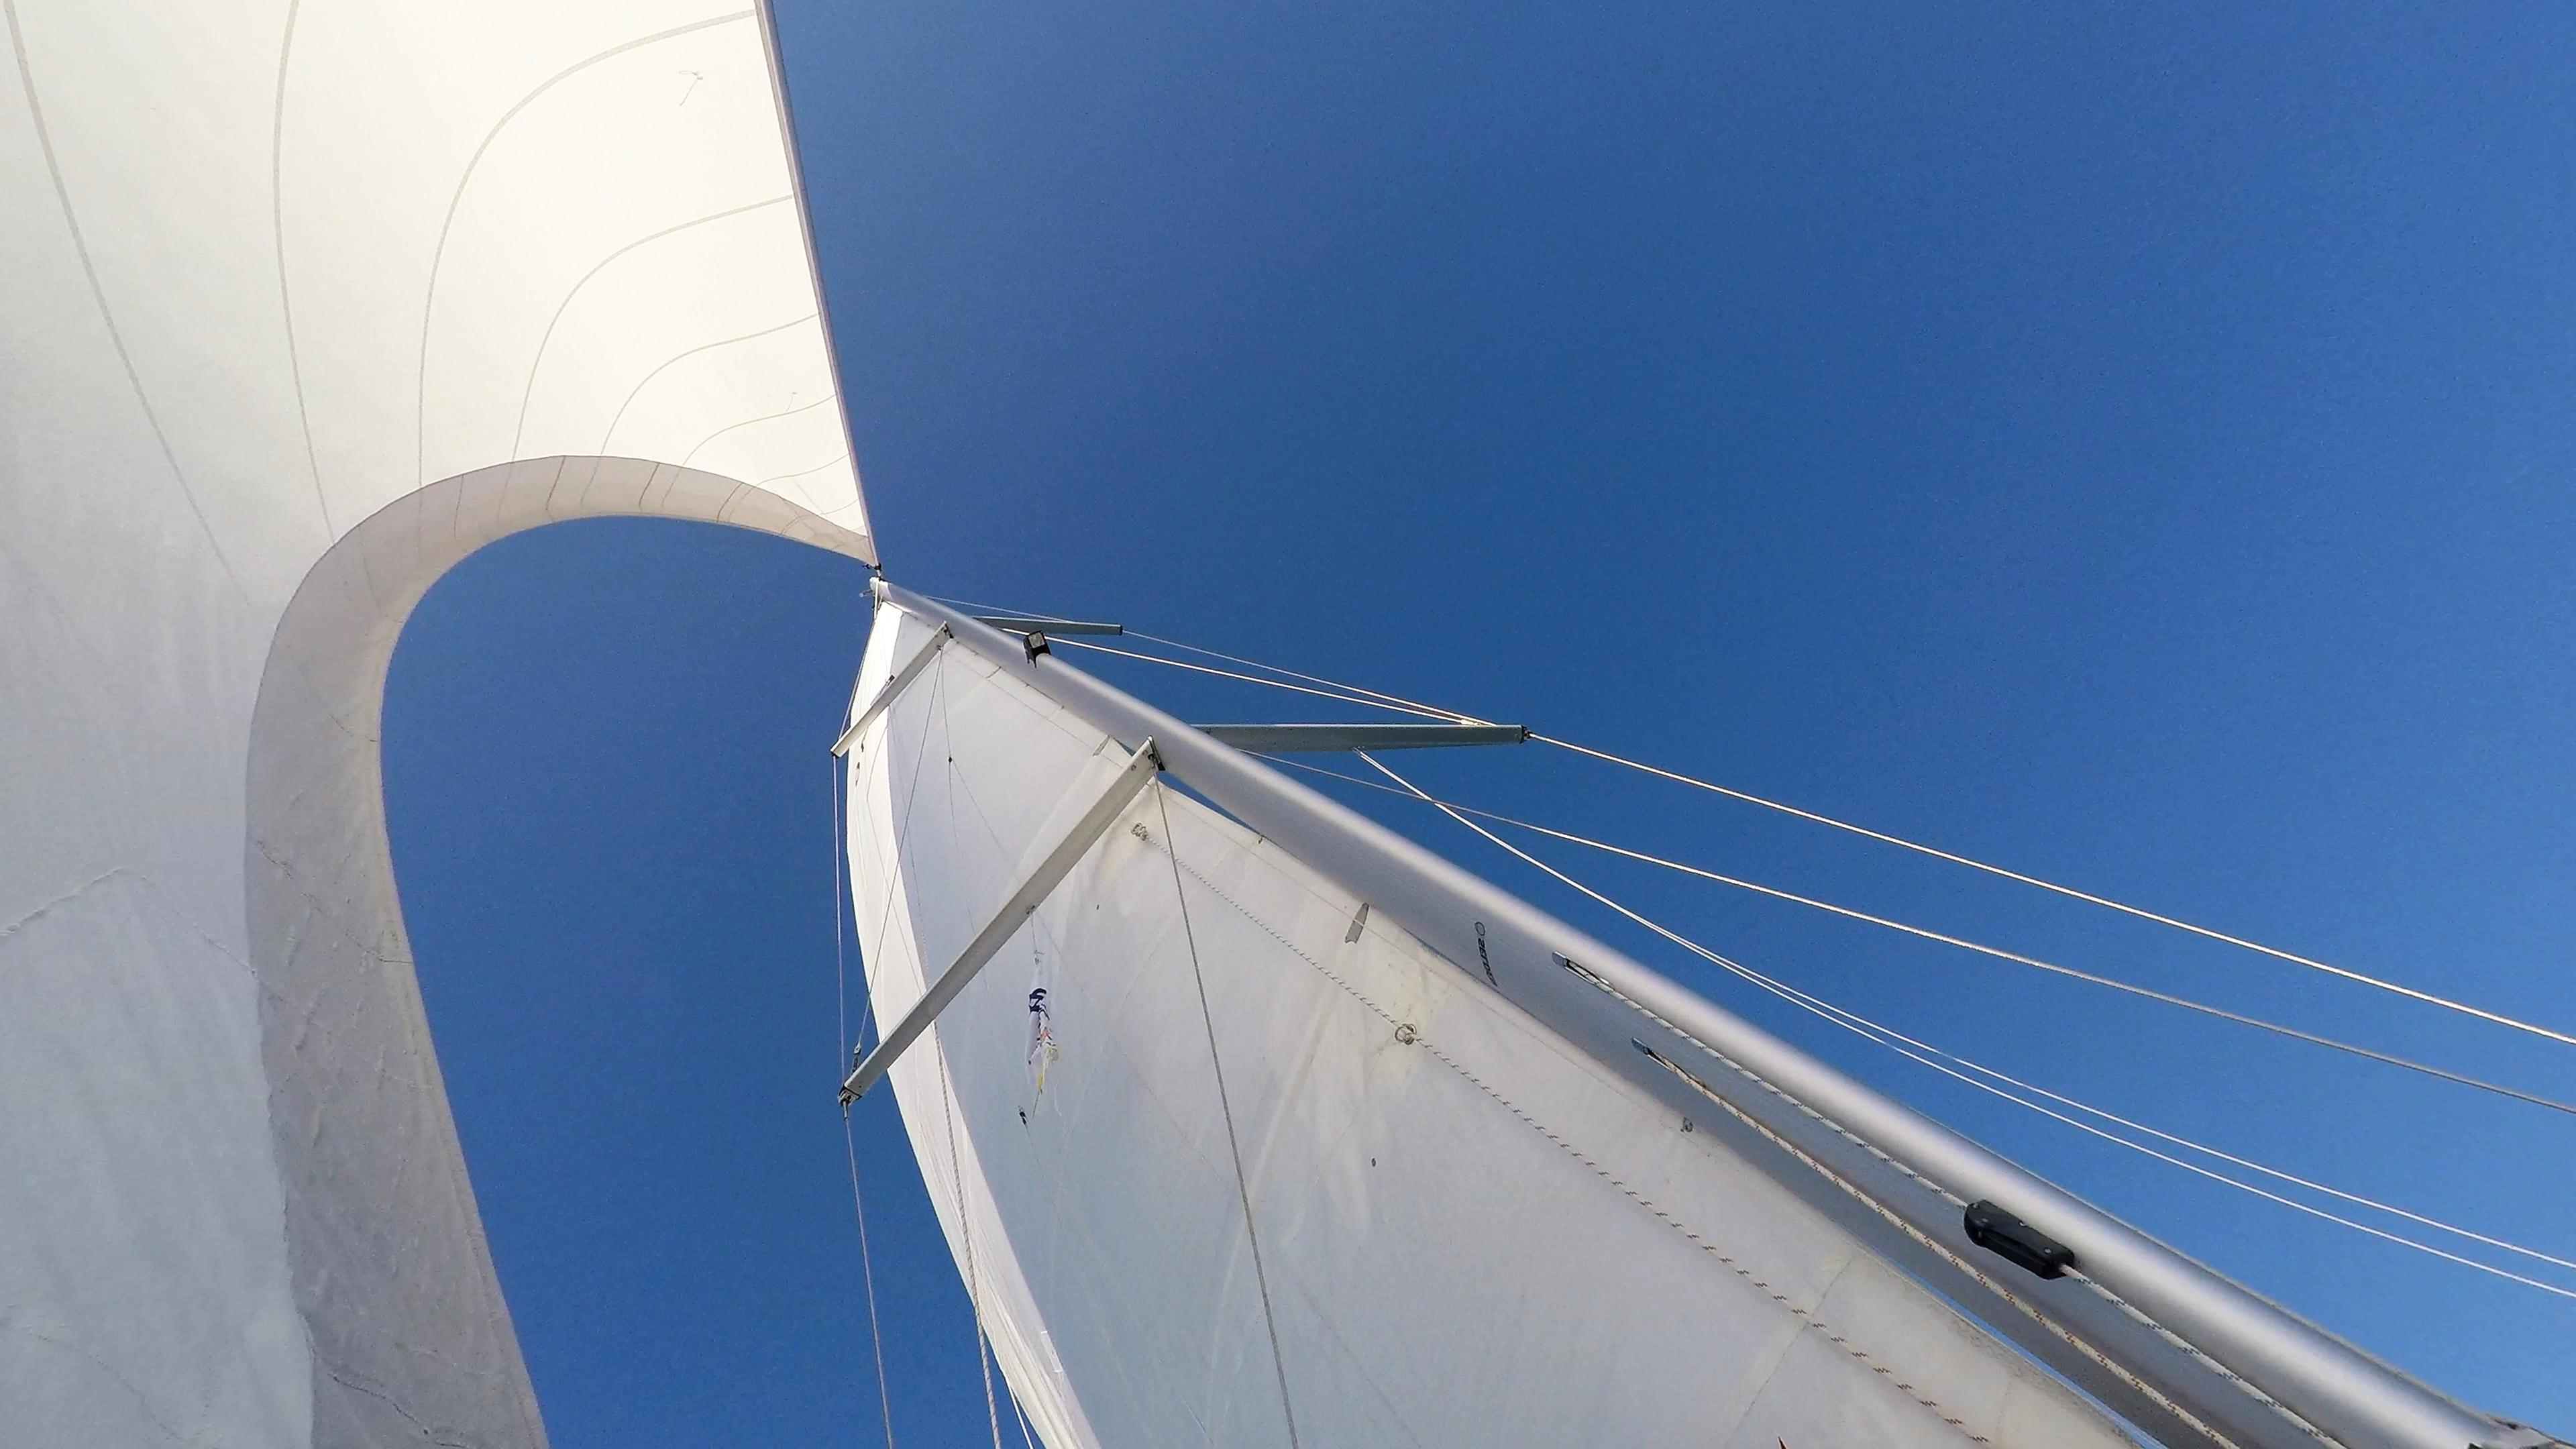 sailing yacht sails mast sailboat